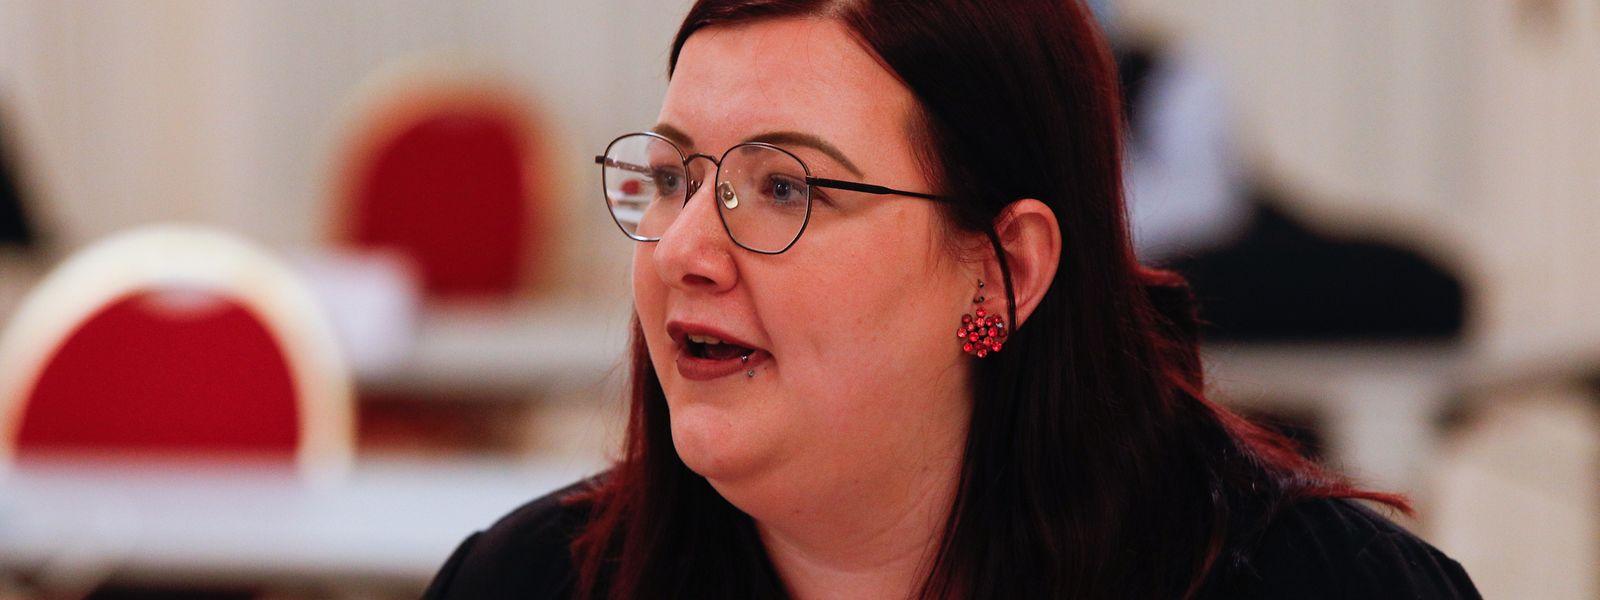 Sarah Volz kann zufrieden sein: Ihre Petition wird aller Voraussicht nach etwas bewegen.